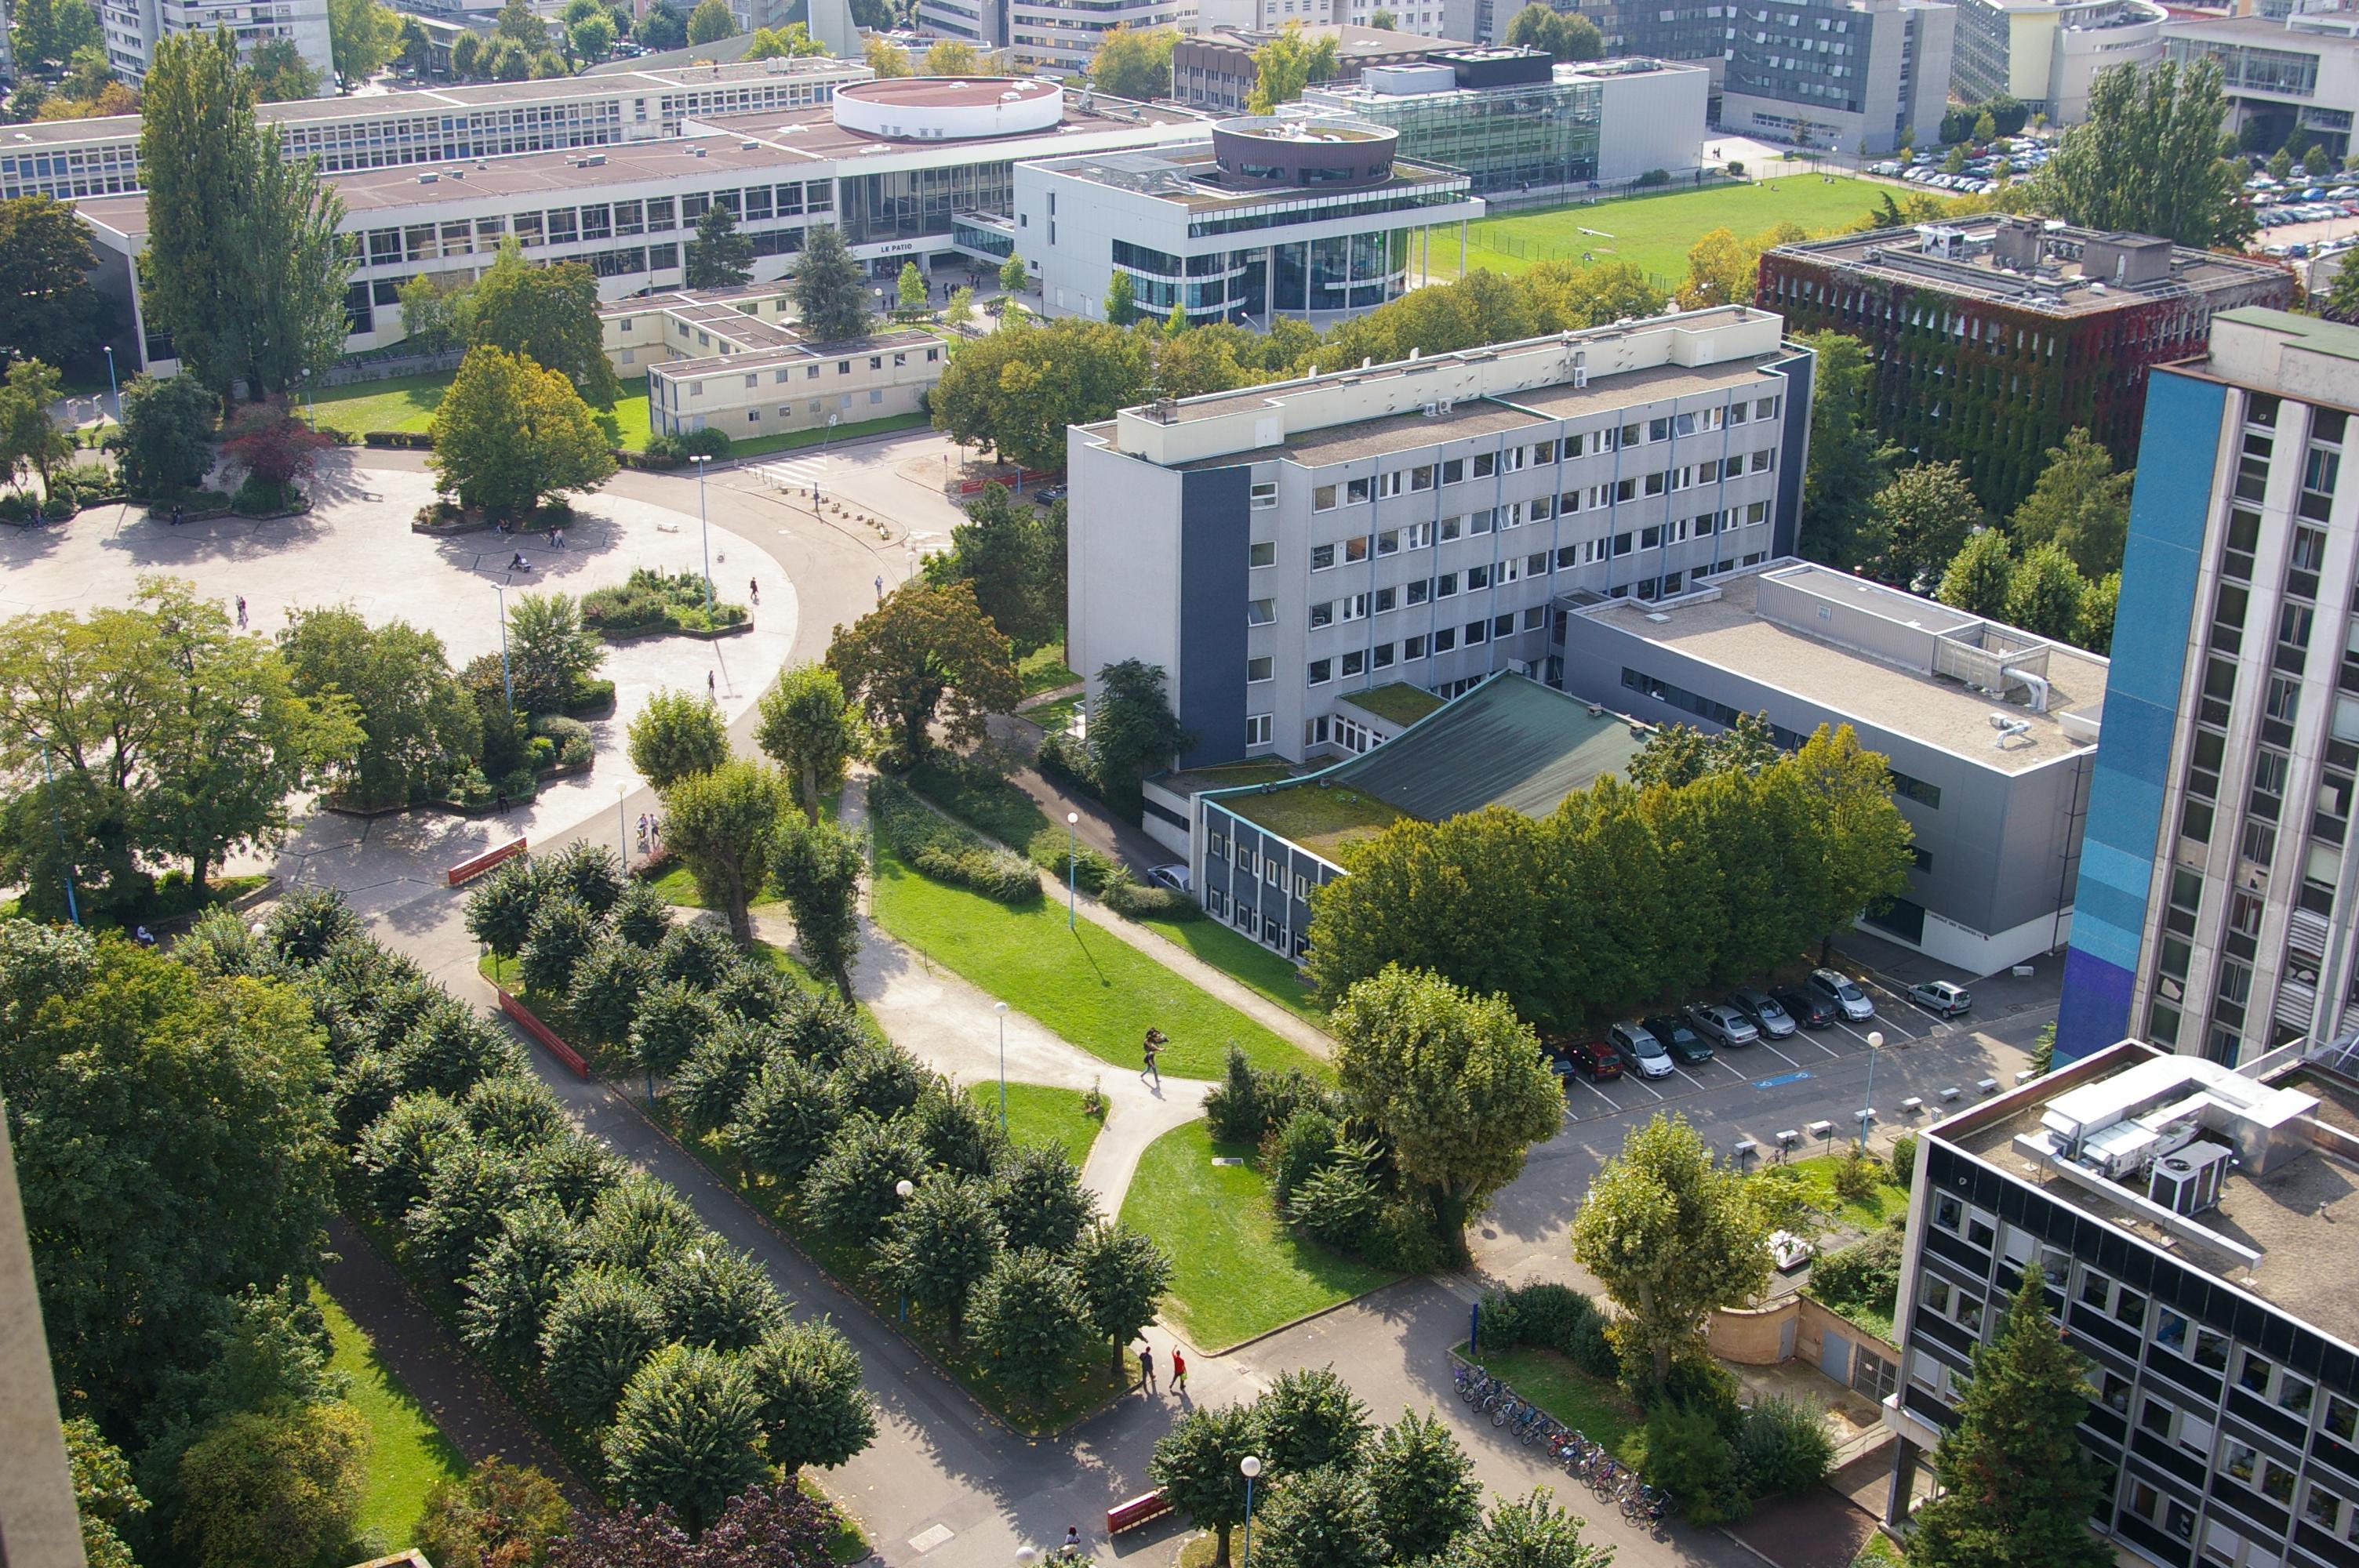 Strasbourg Central Campus